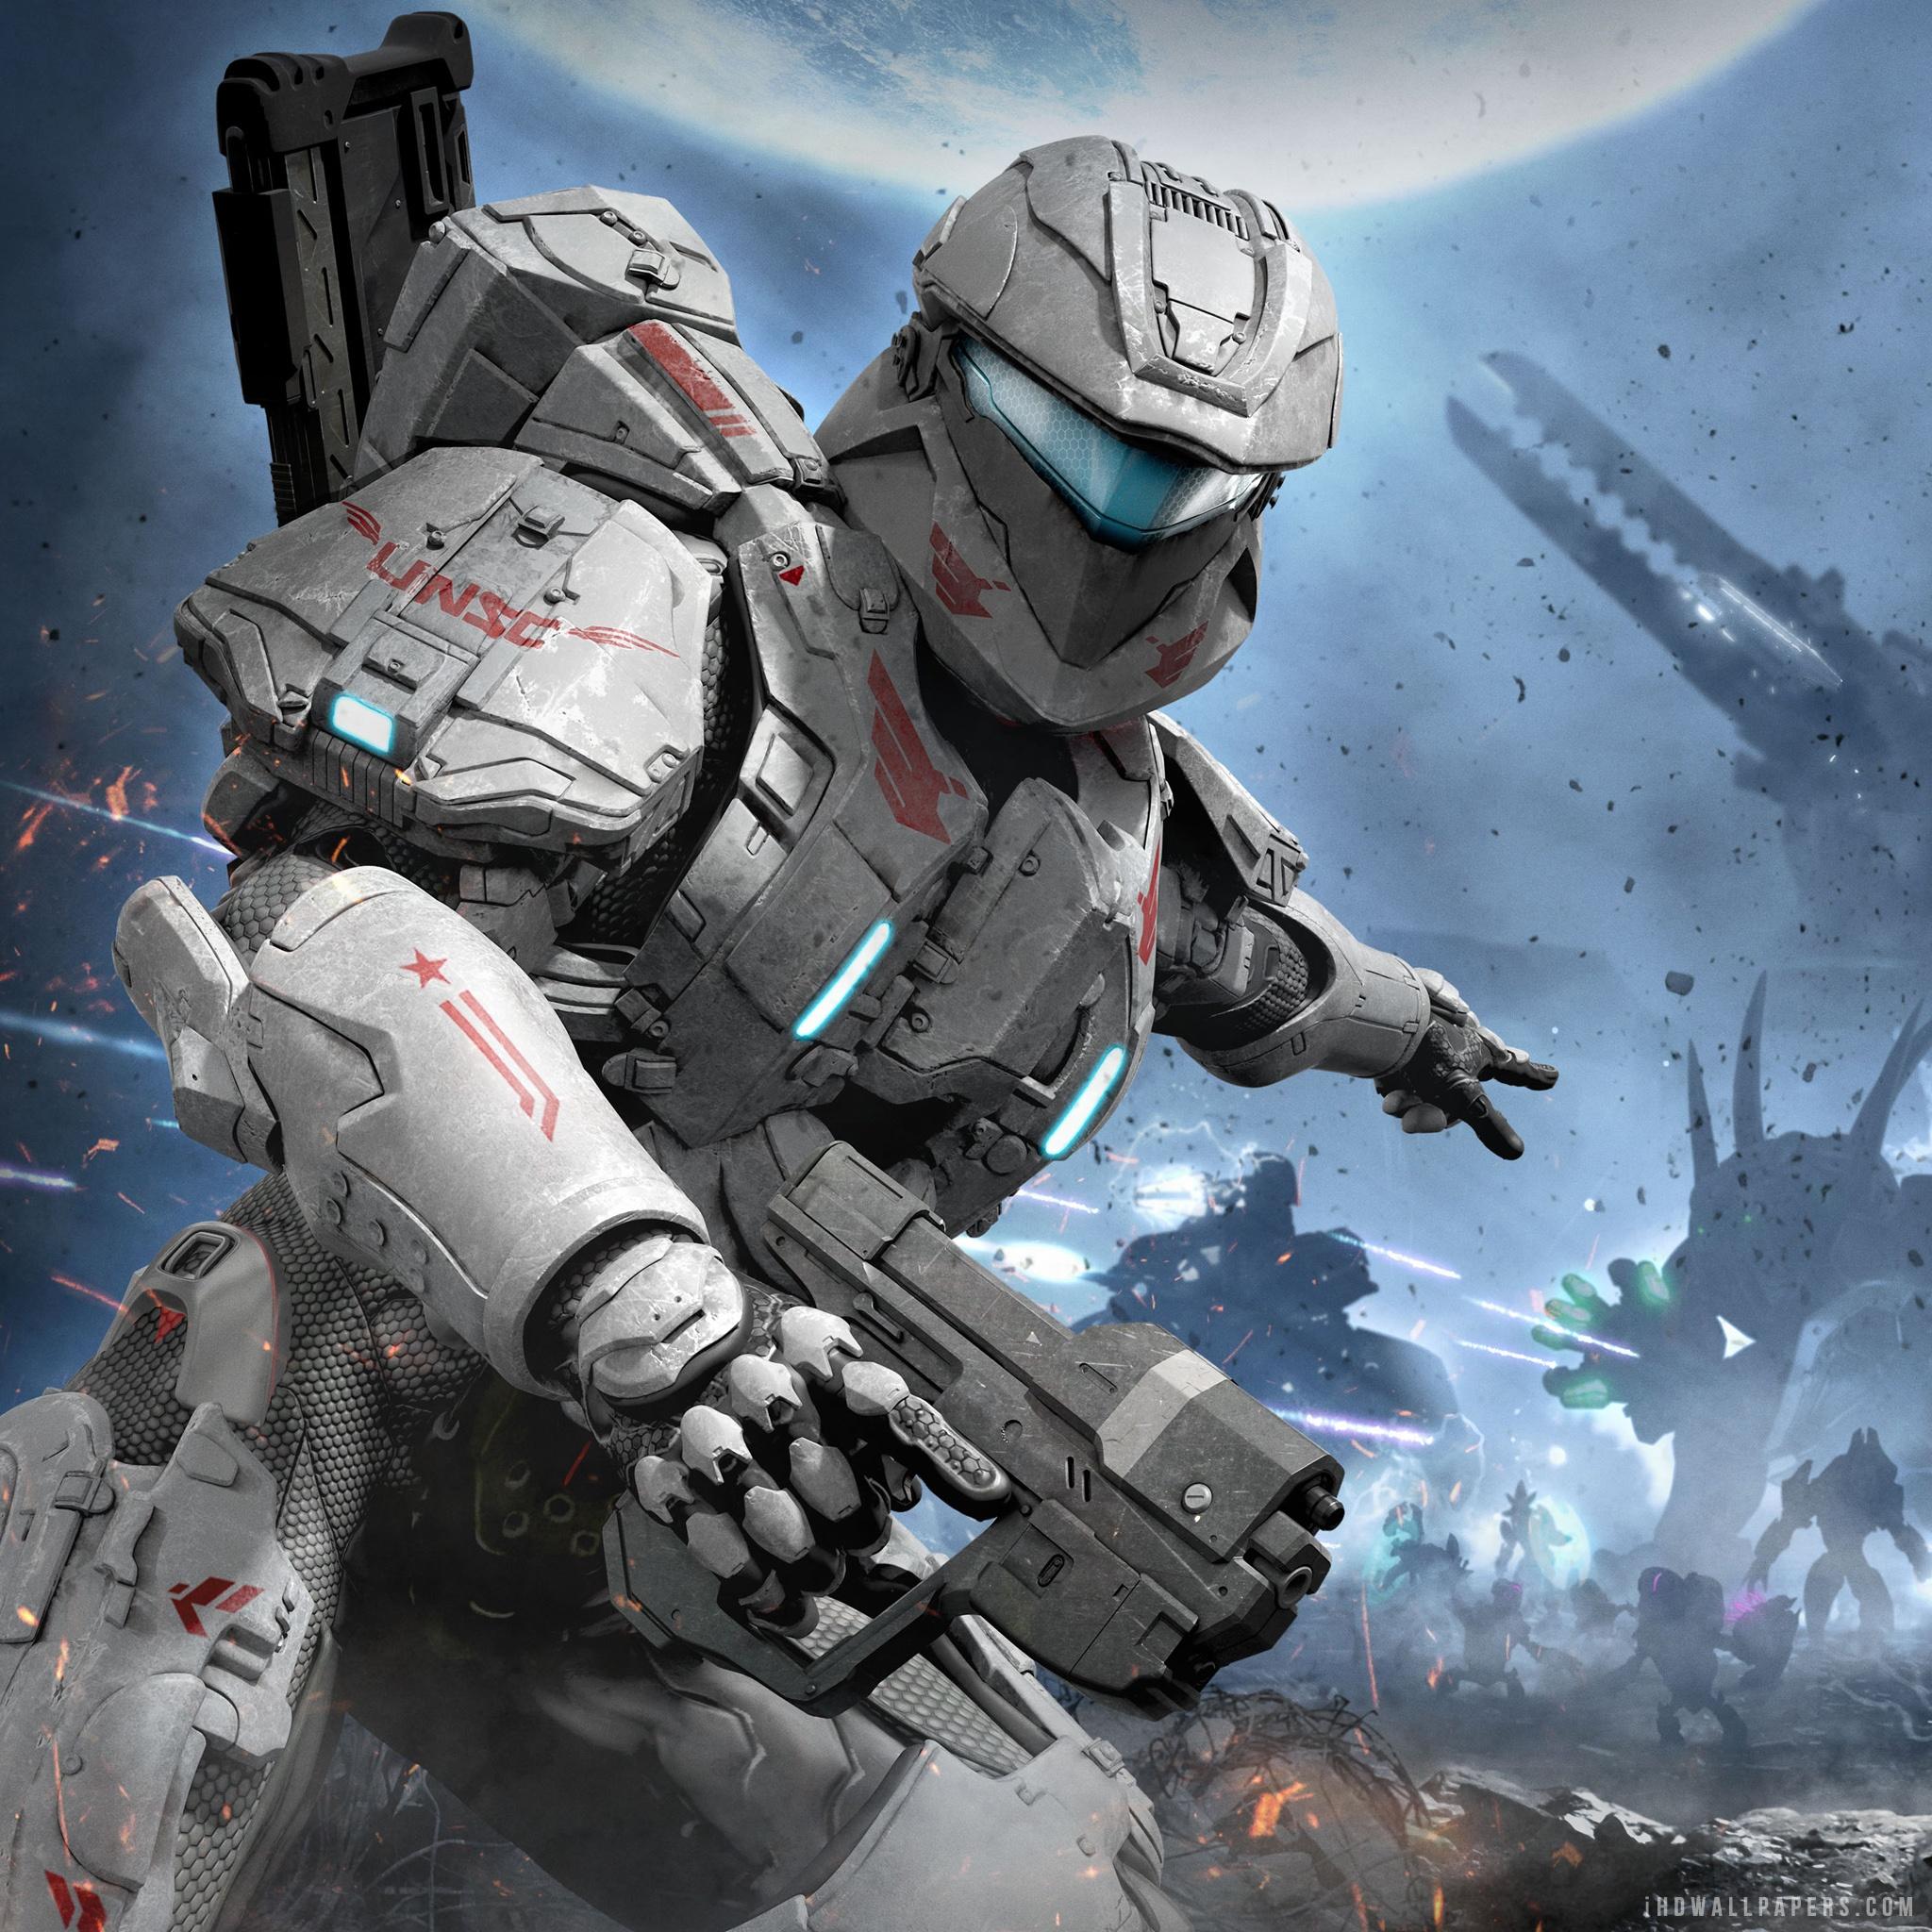 Halo Spartan Assault HD Wallpaper   iHD Wallpapers 2048x2048